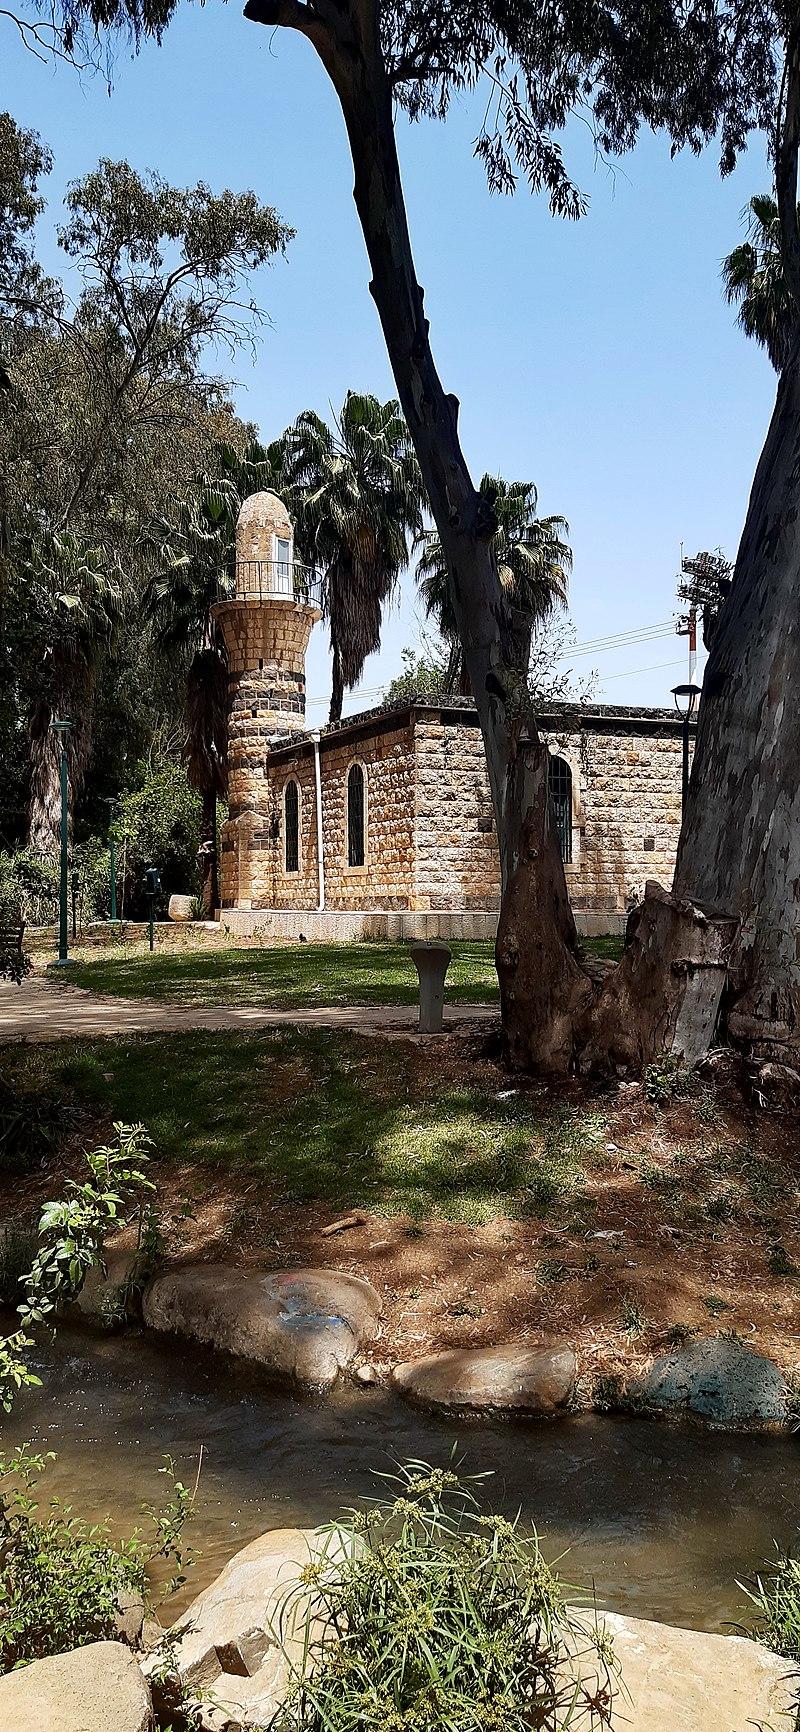 מסגד אל חאלצה חלסה בקרית שמונה